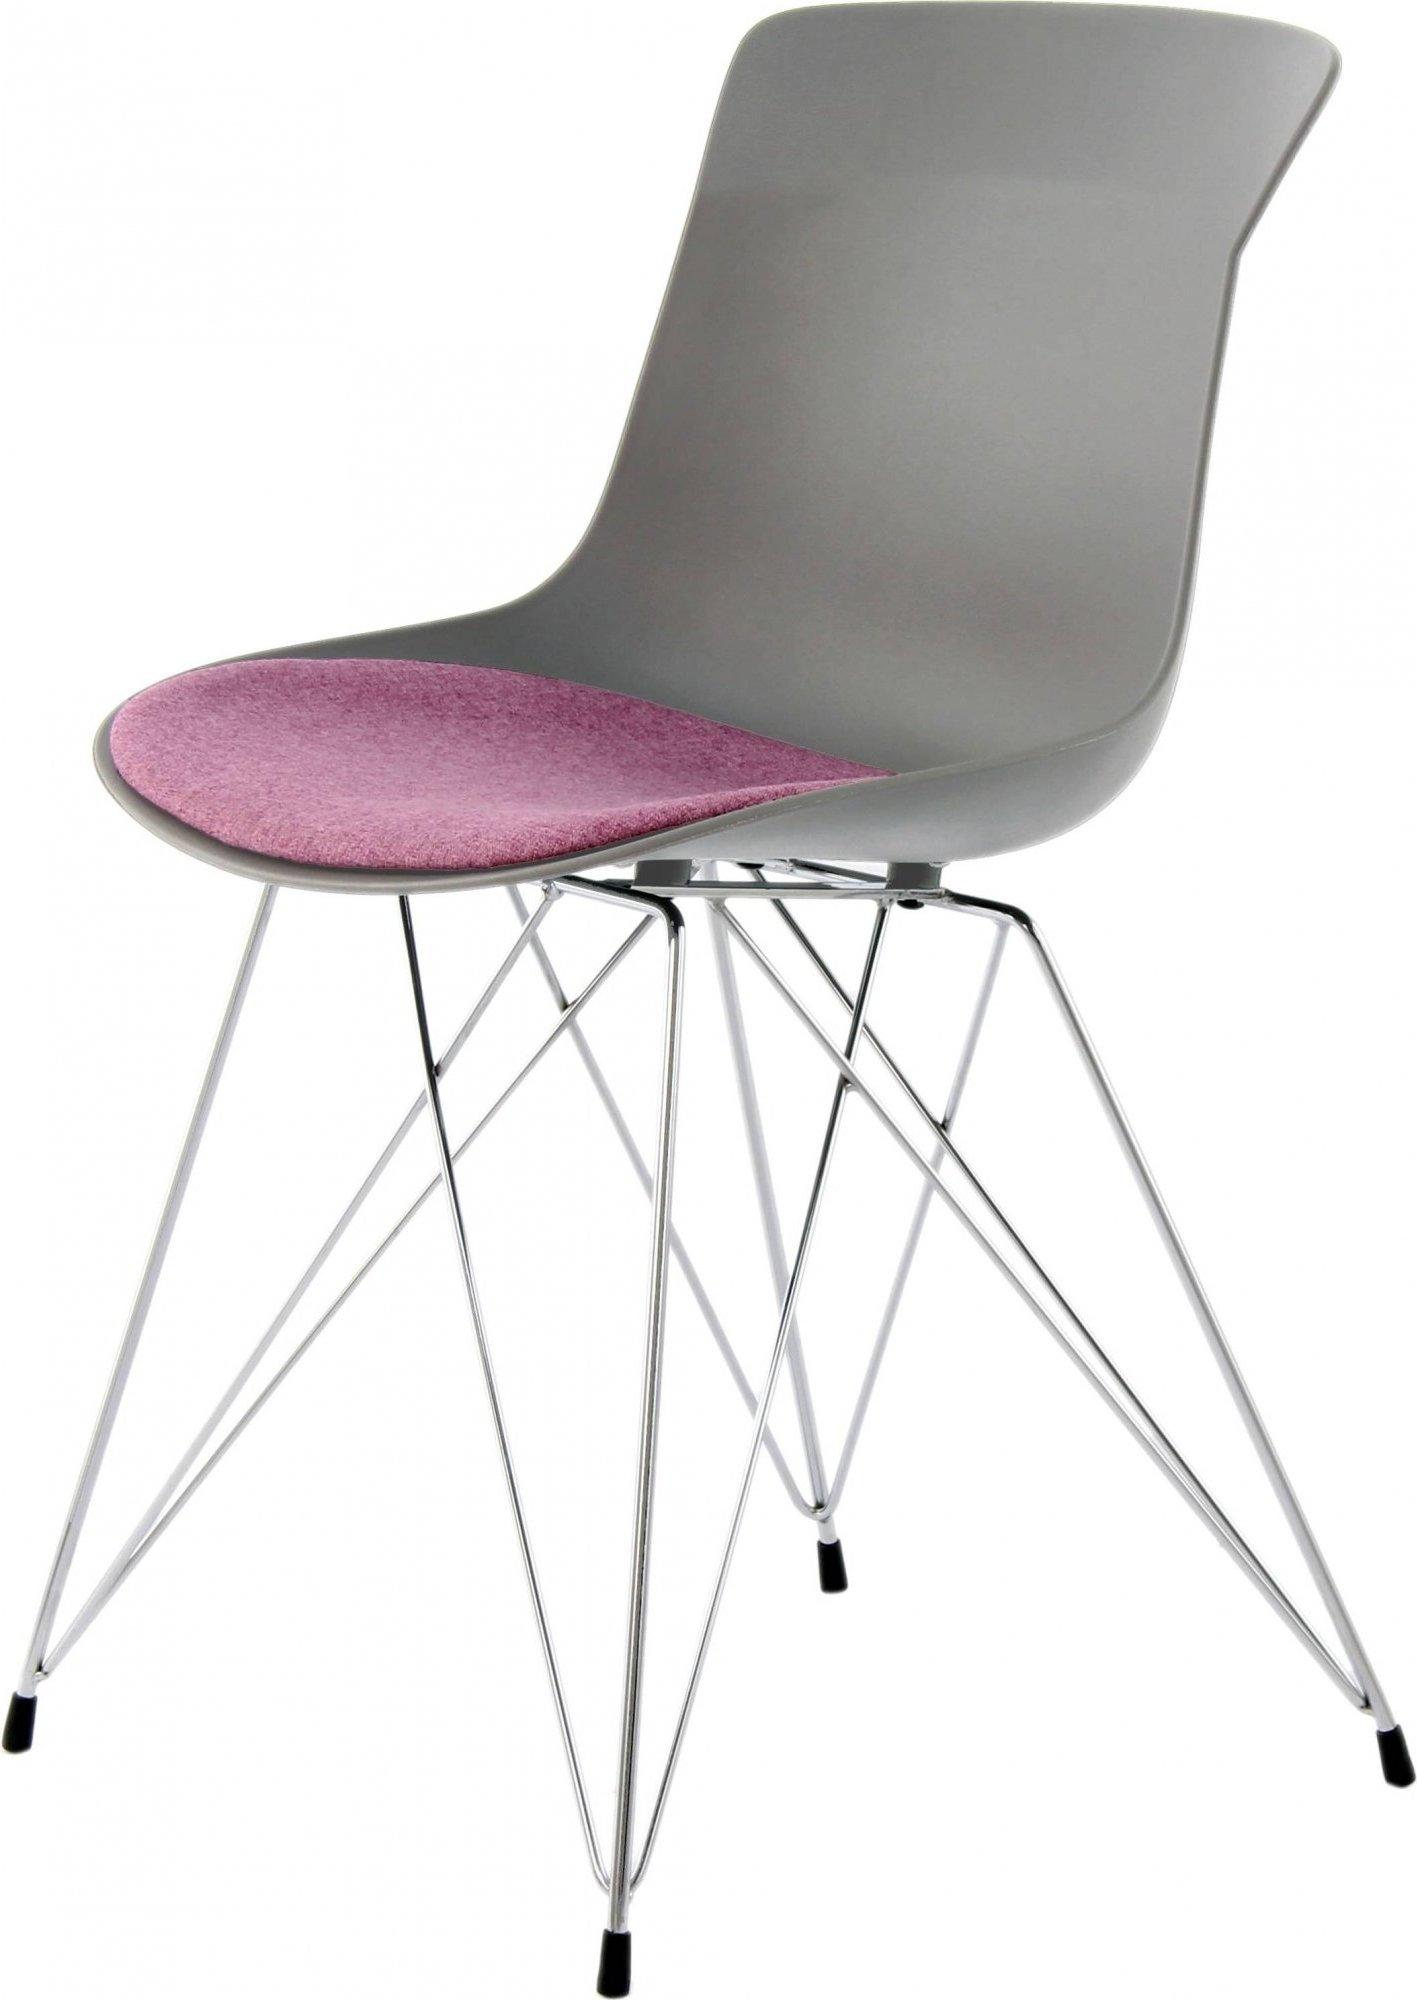 Chaise design eiffel rembourrée gris violet (lot de 2)